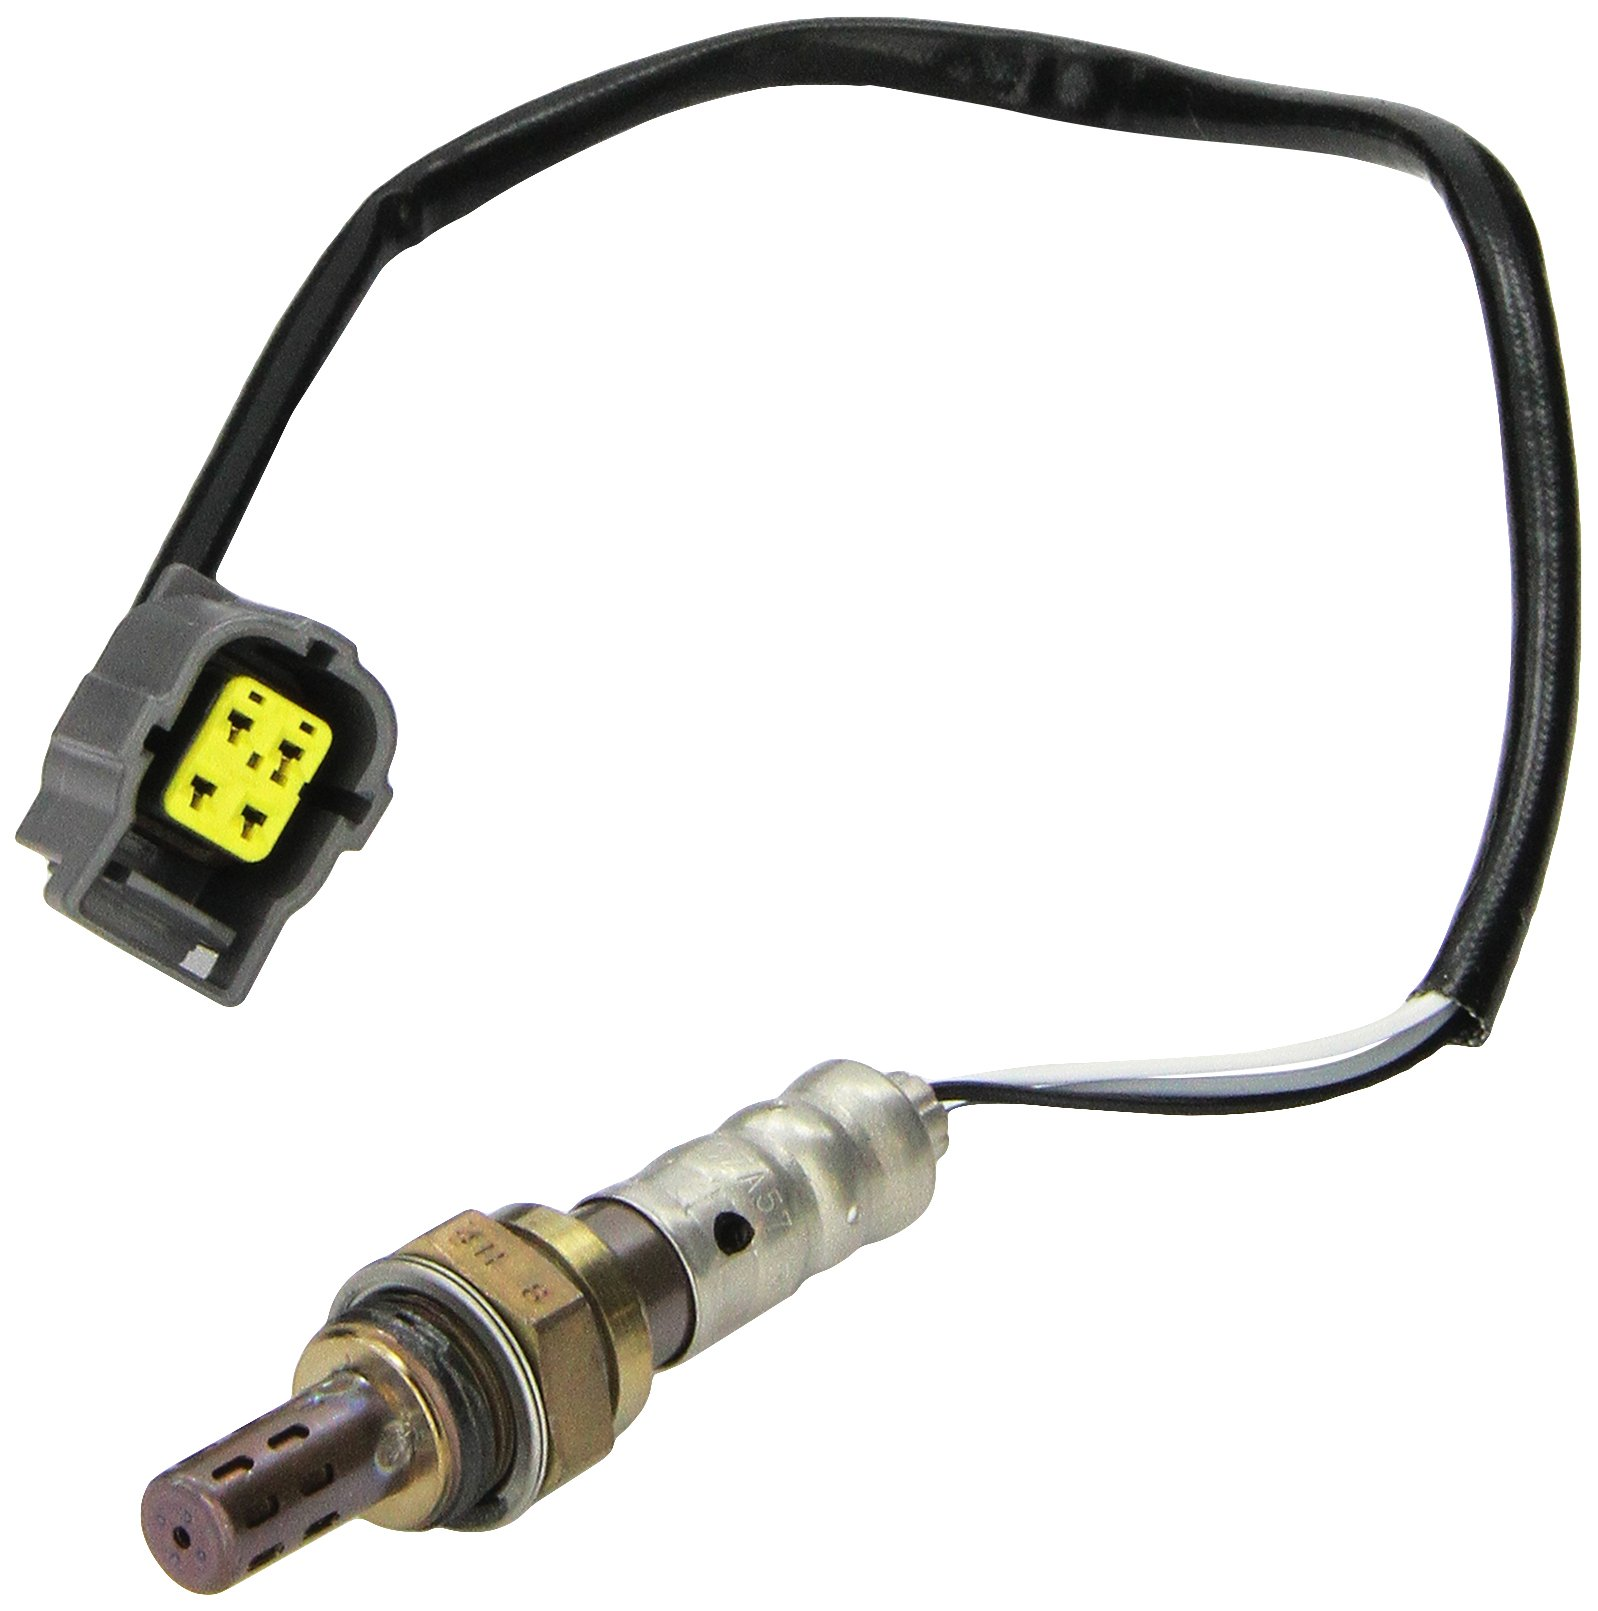 NGK 23158 Oxygen Sensor - NGK/NTK Packaging by NGK